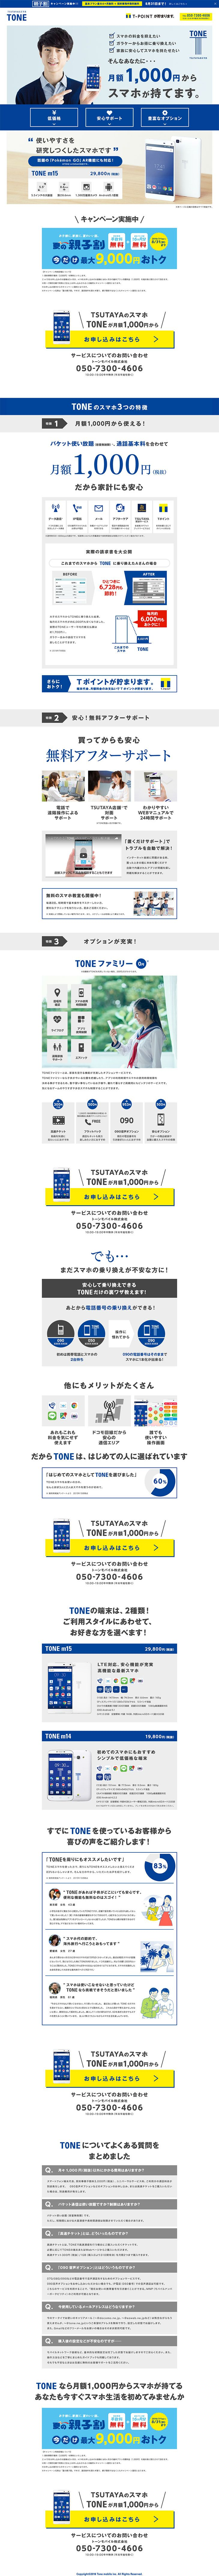 TUTAYAのスマホTONE【インターネットサービス関連】のLPデザイン。WEBデザイナーさん必見!ランディングページのデザイン参考に(シンプル系)